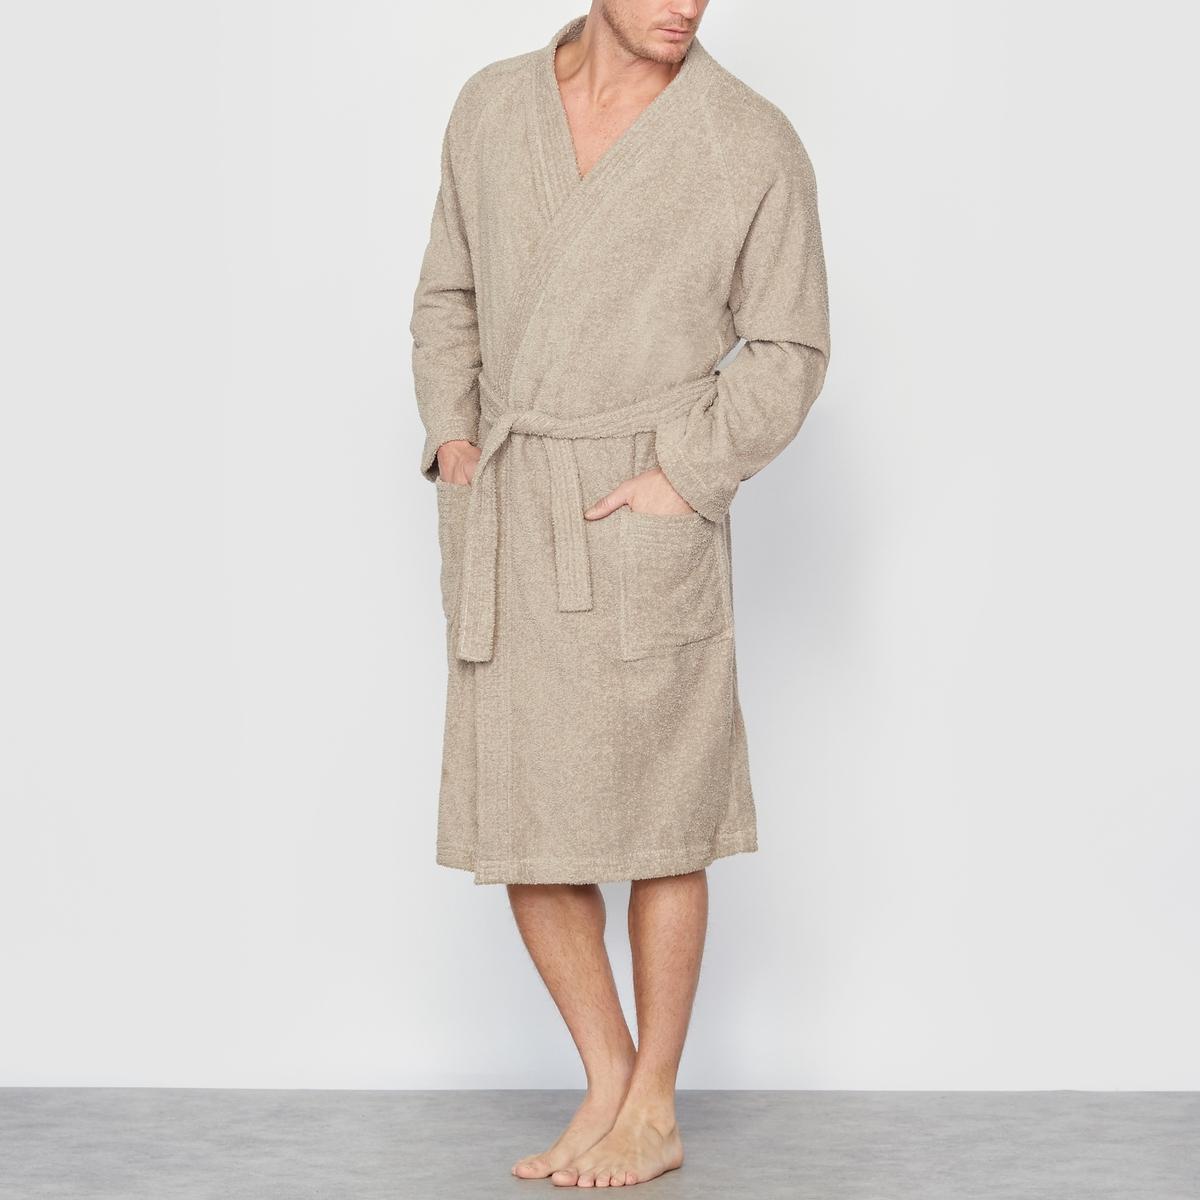 Халат банныйОписание:Очень приятный в носке и комфортный банный халат.Детали •  С запахом, вырез-кимоно. •  Пояс со шлевками. •  2 накладных кармана. •  Длина ок. 120 см.Состав и уход •  Махровая ткань букле, 100% хлопок. •  Машинная стирка при 60° с вещами схожих цветов. •  Отбеливание запрещено. •  Гладить при умеренной температуре. •  Машинная сушка на умеренном режиме.Товар из коллекции мужского белья больших размеров<br><br>Цвет: серо-бежевый,синий<br>Размер: 82/84.66/68